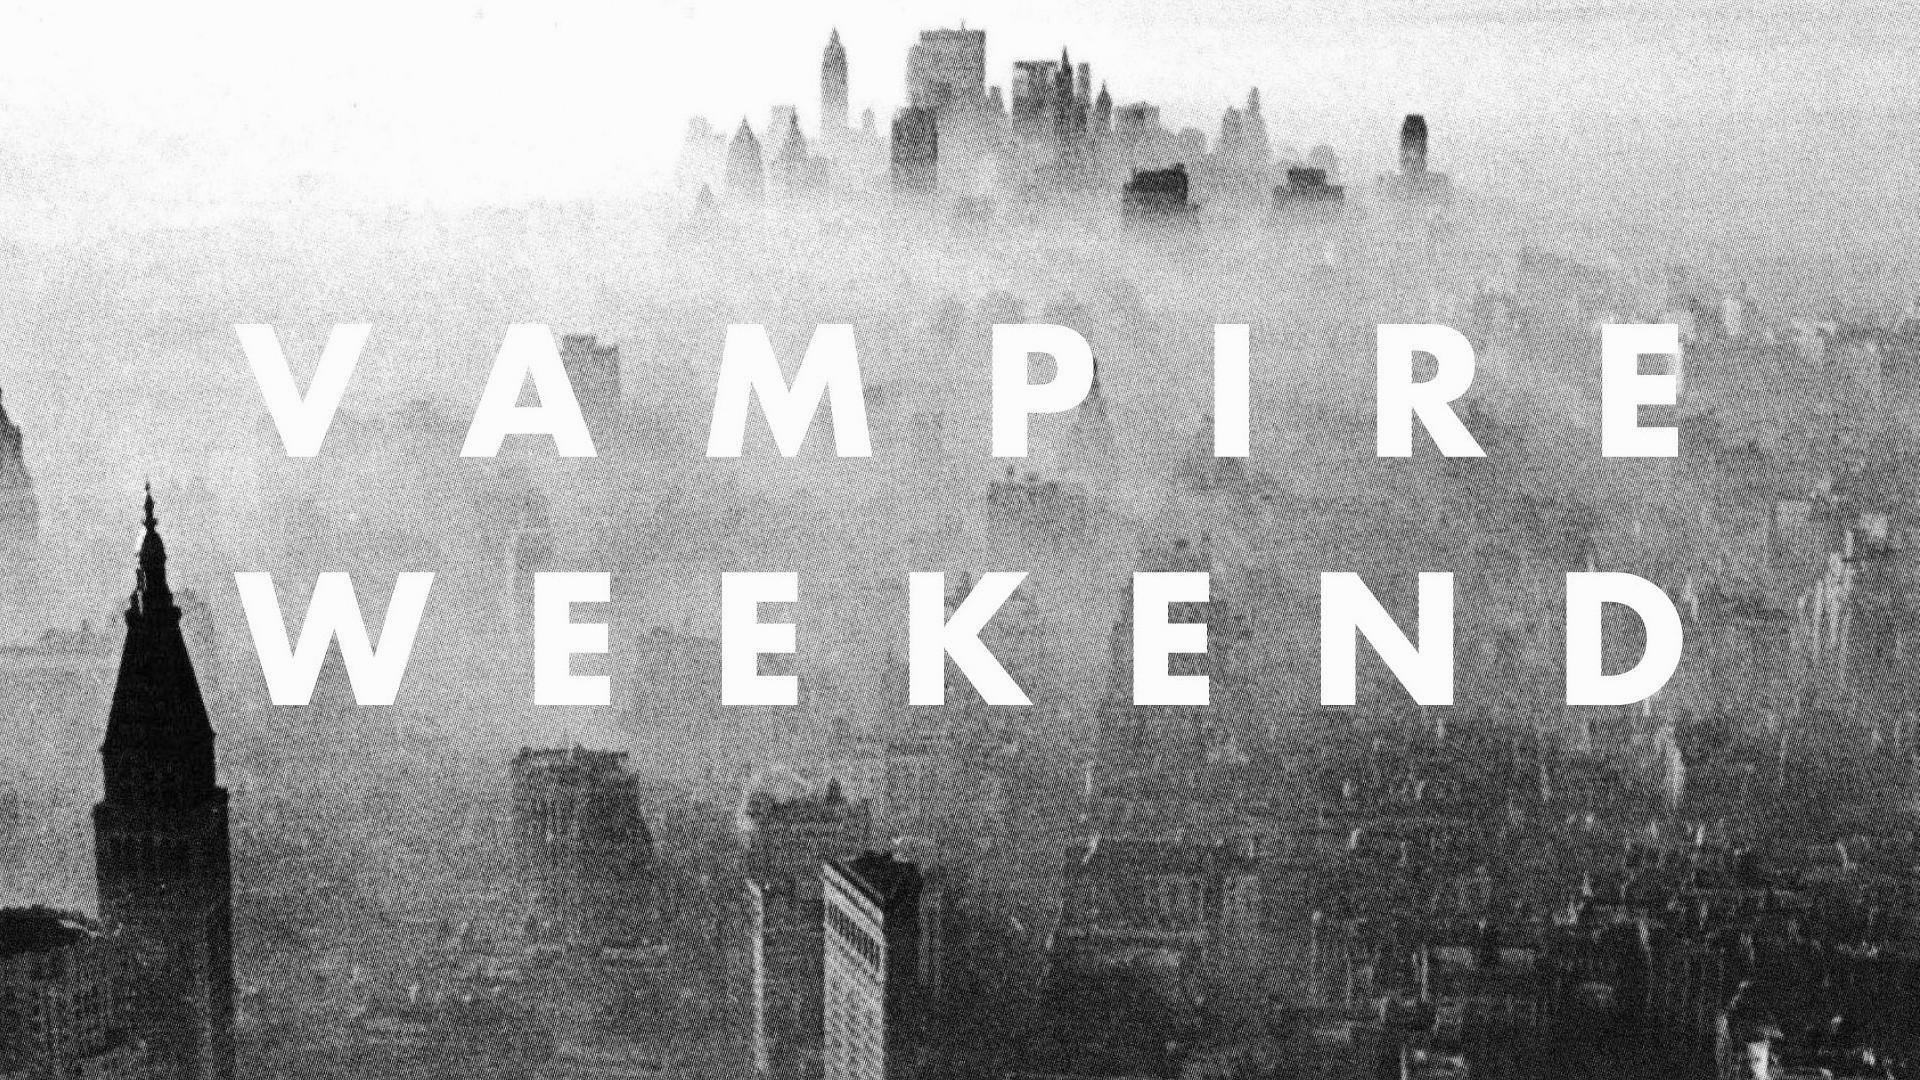 Rock-band-vampire-weekend-cover-art-indie-wallpaper